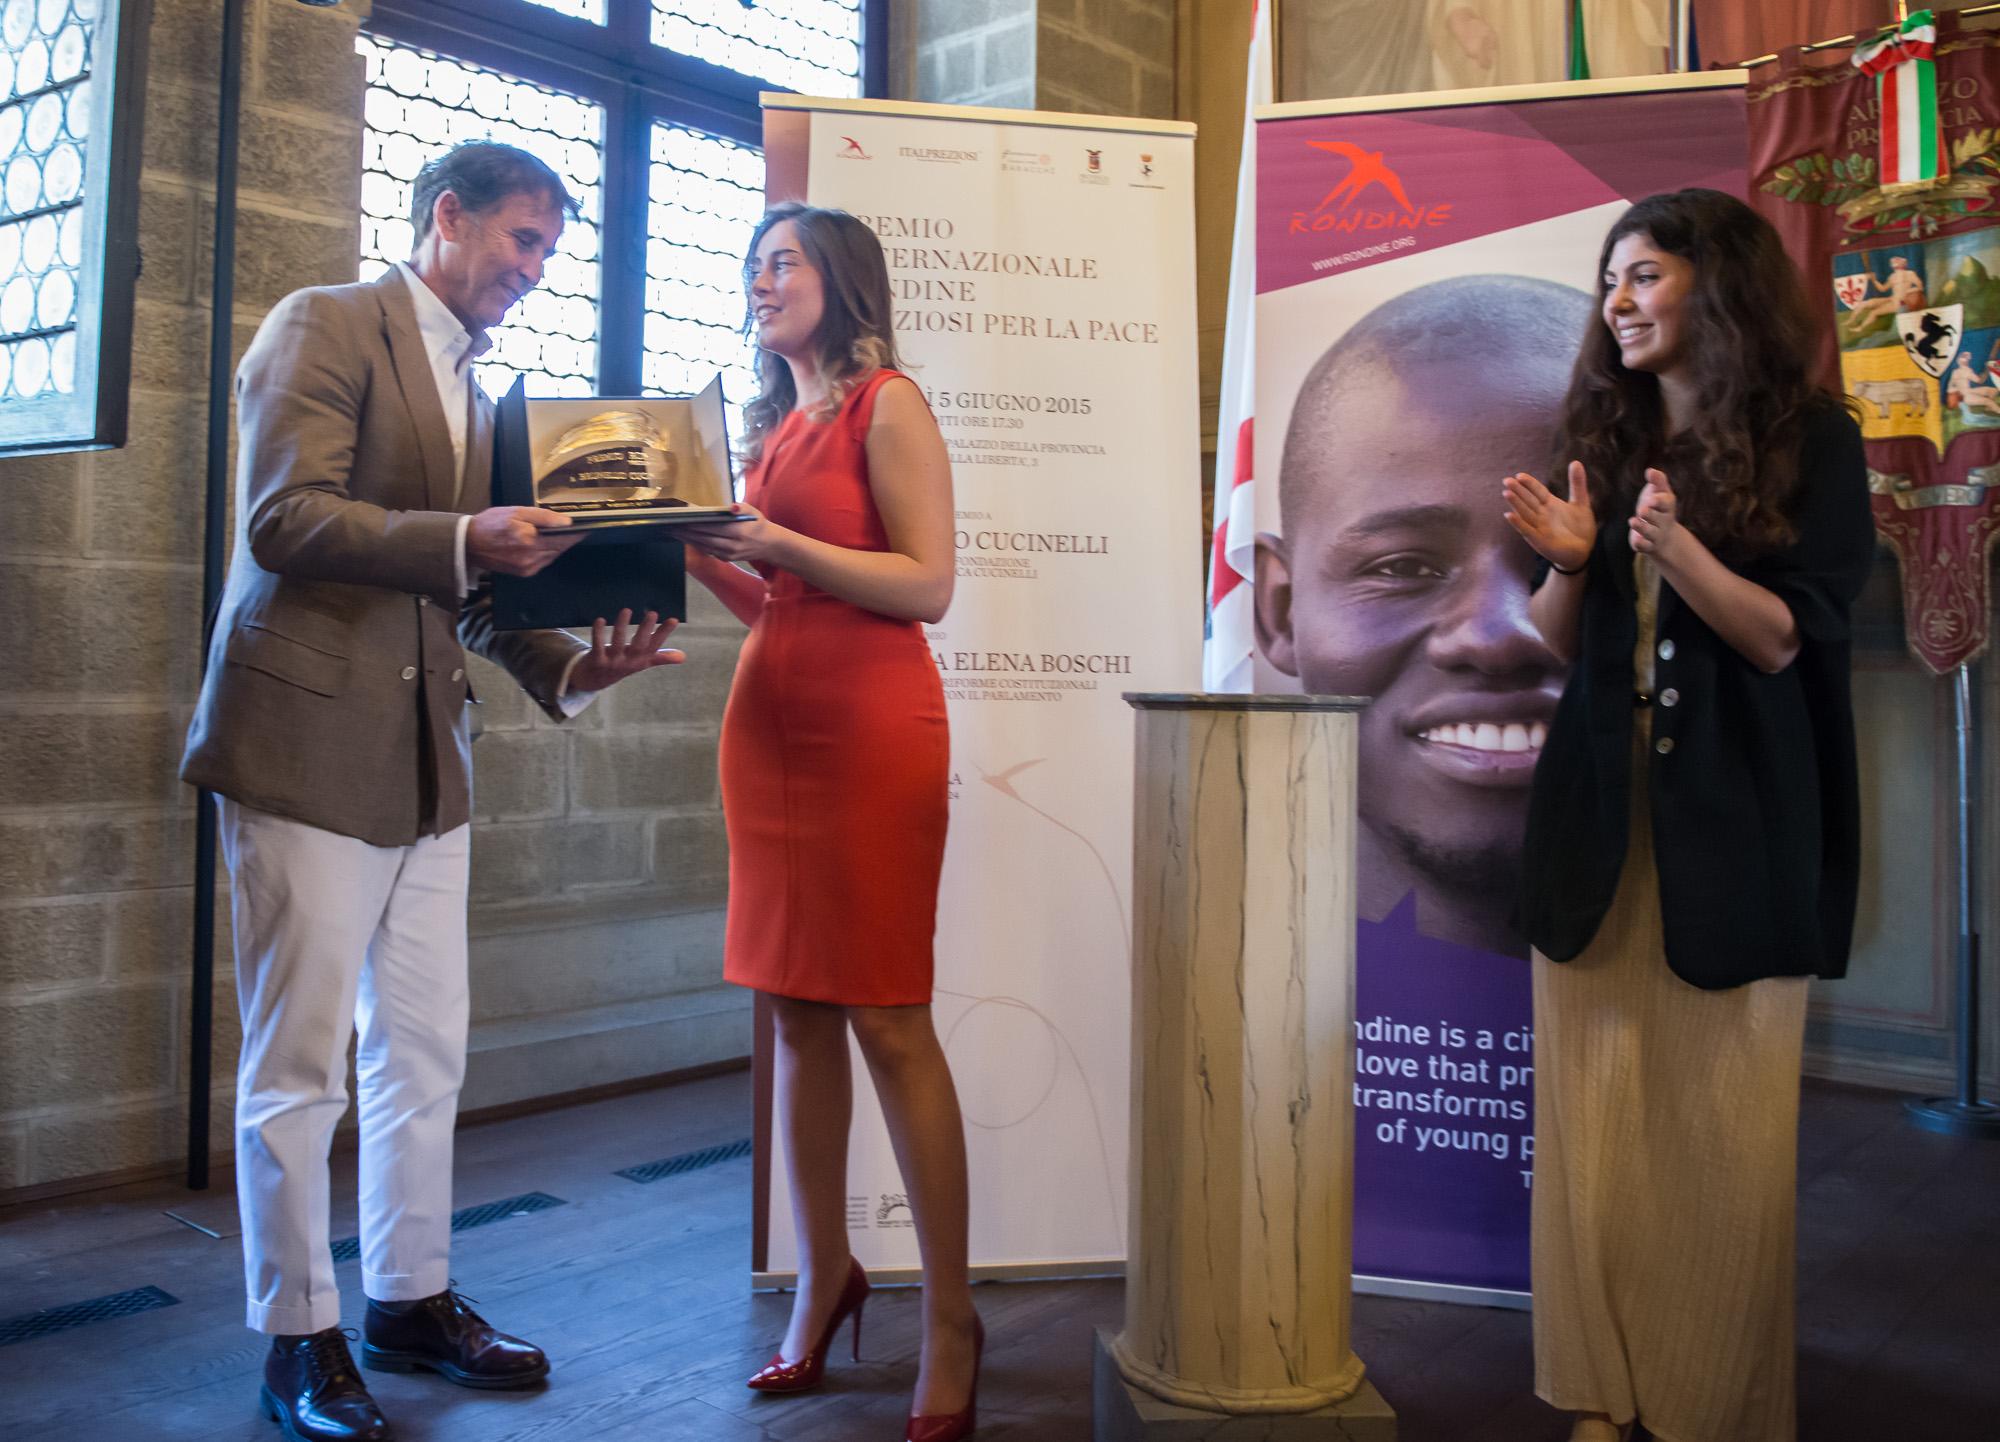 """Minister Maria Elena Boschi awarded the """"Premio Internazionale Rondine Preziosi per la Pace"""" to Brunello Cucinelli"""